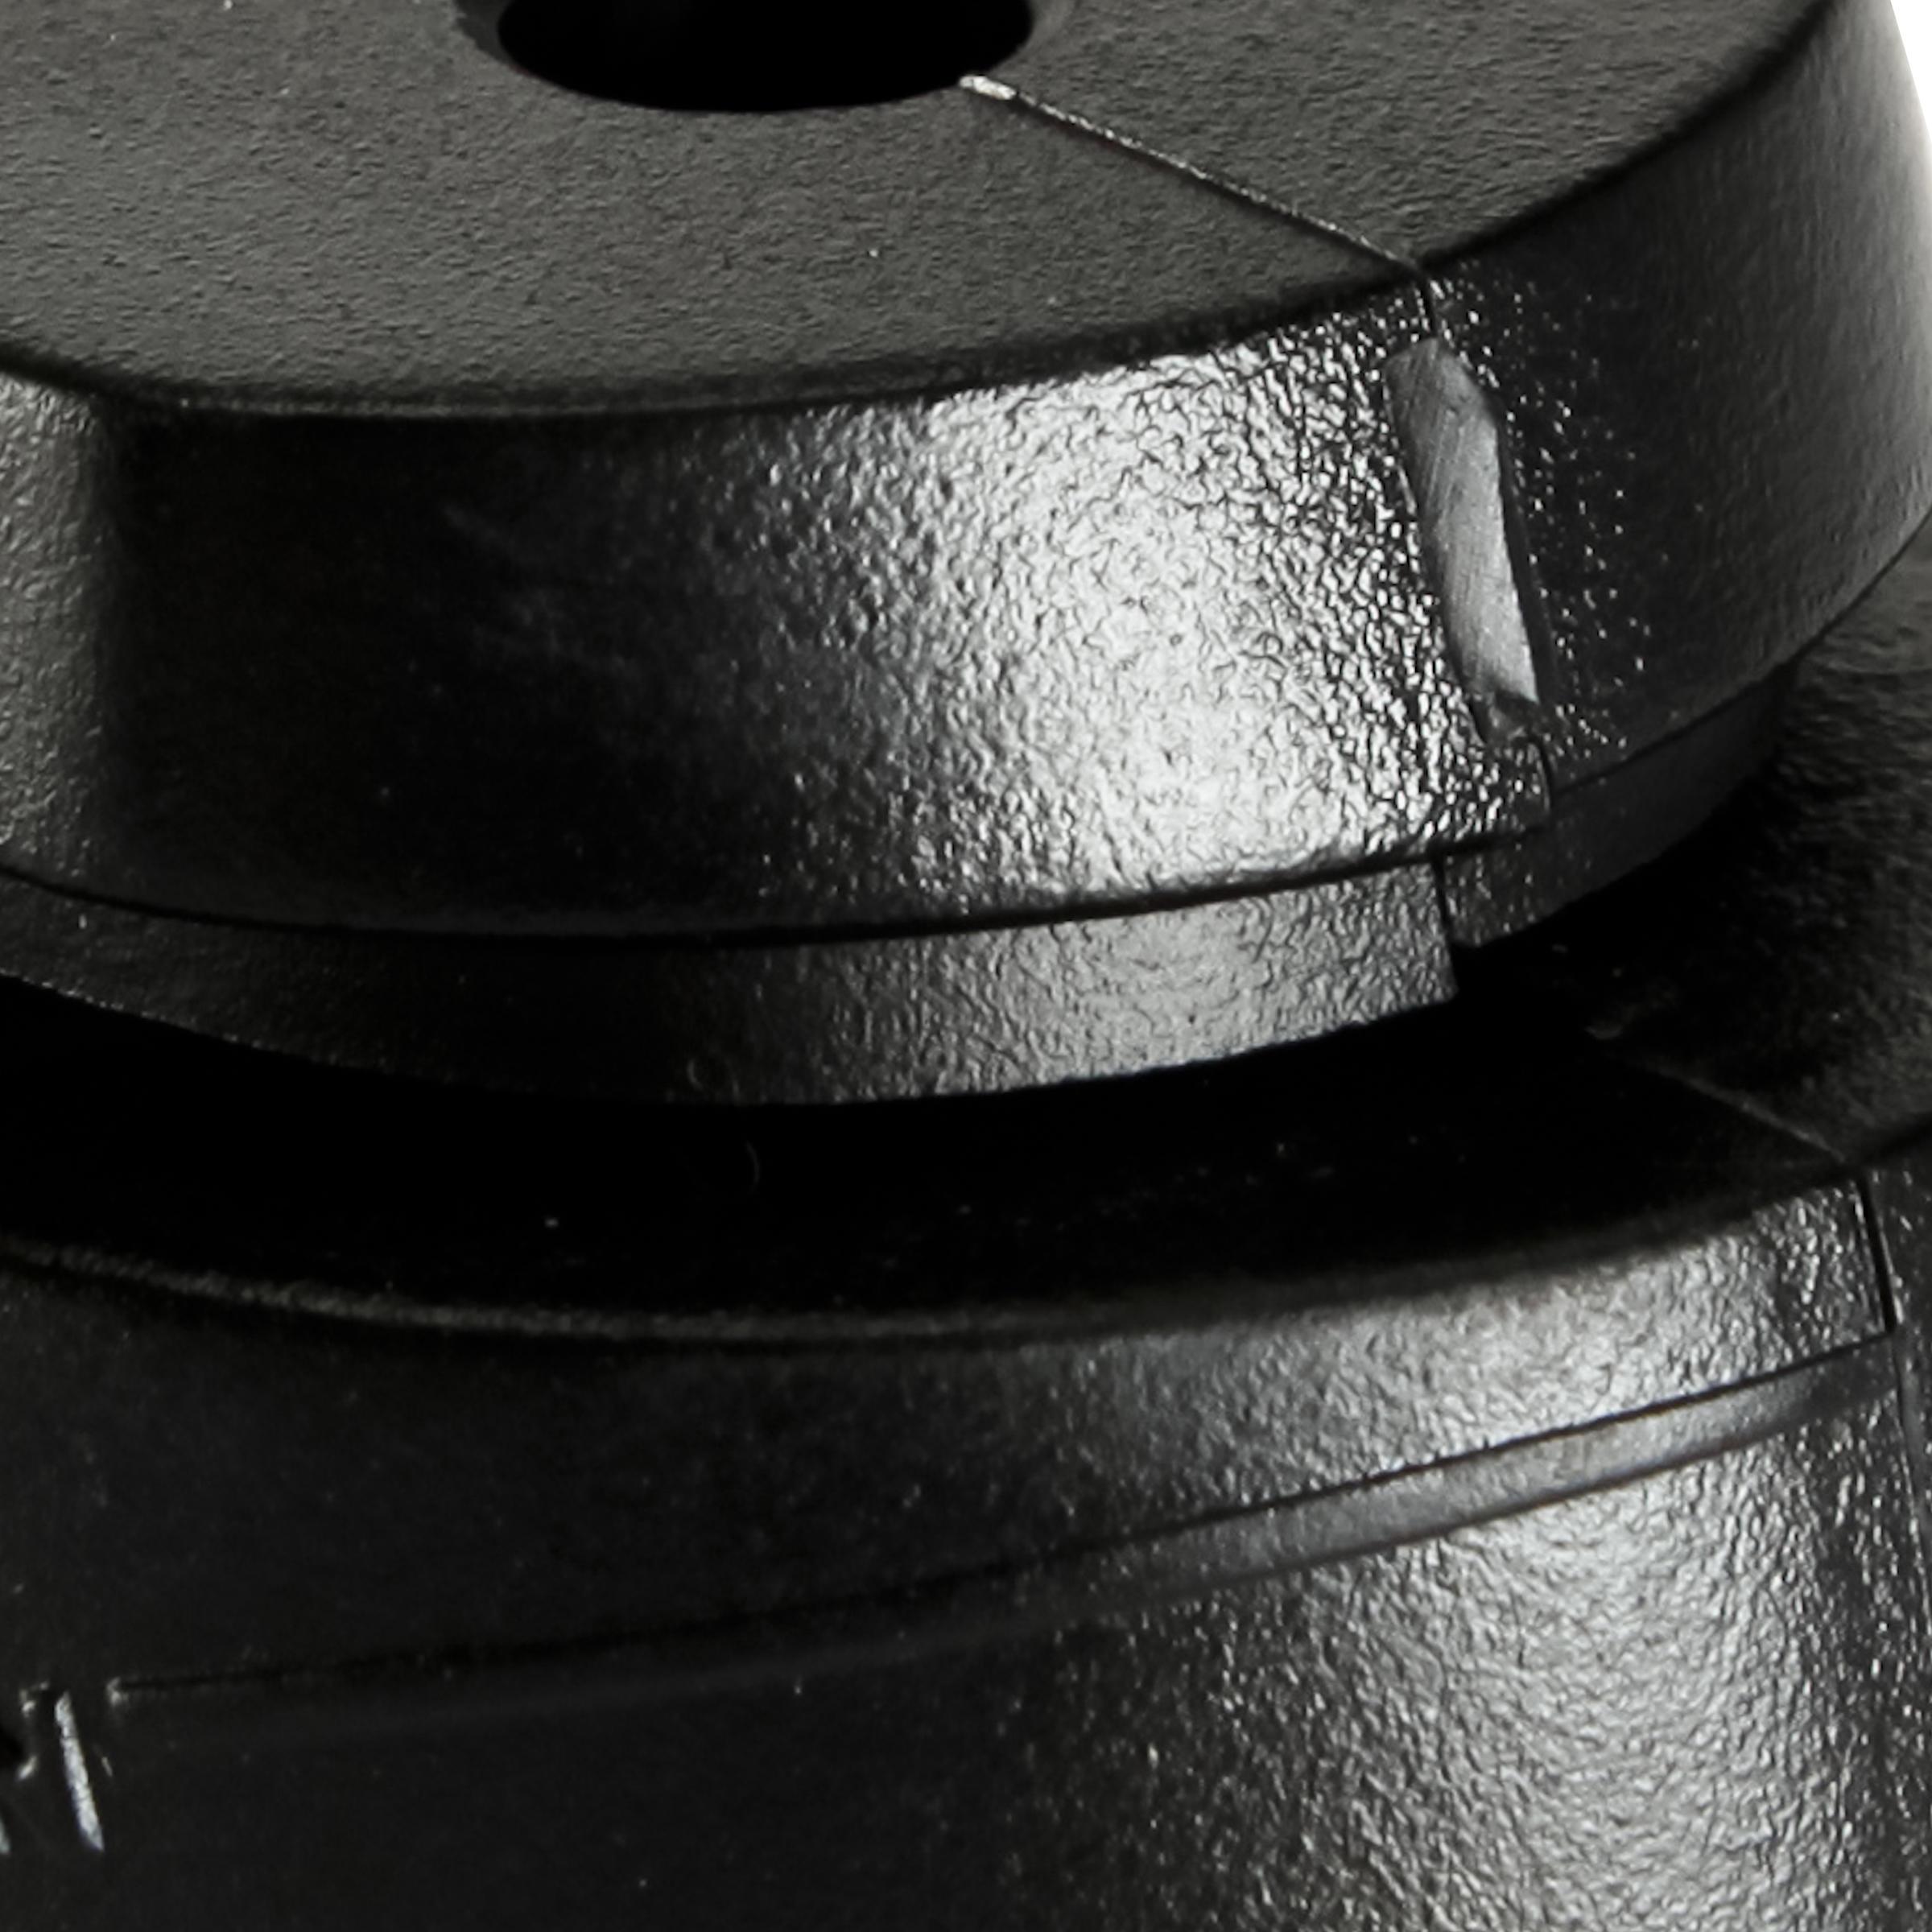 Tampon de frein pour patins à roues alignées FIT 3/FIT 5/PLAY 7 noir